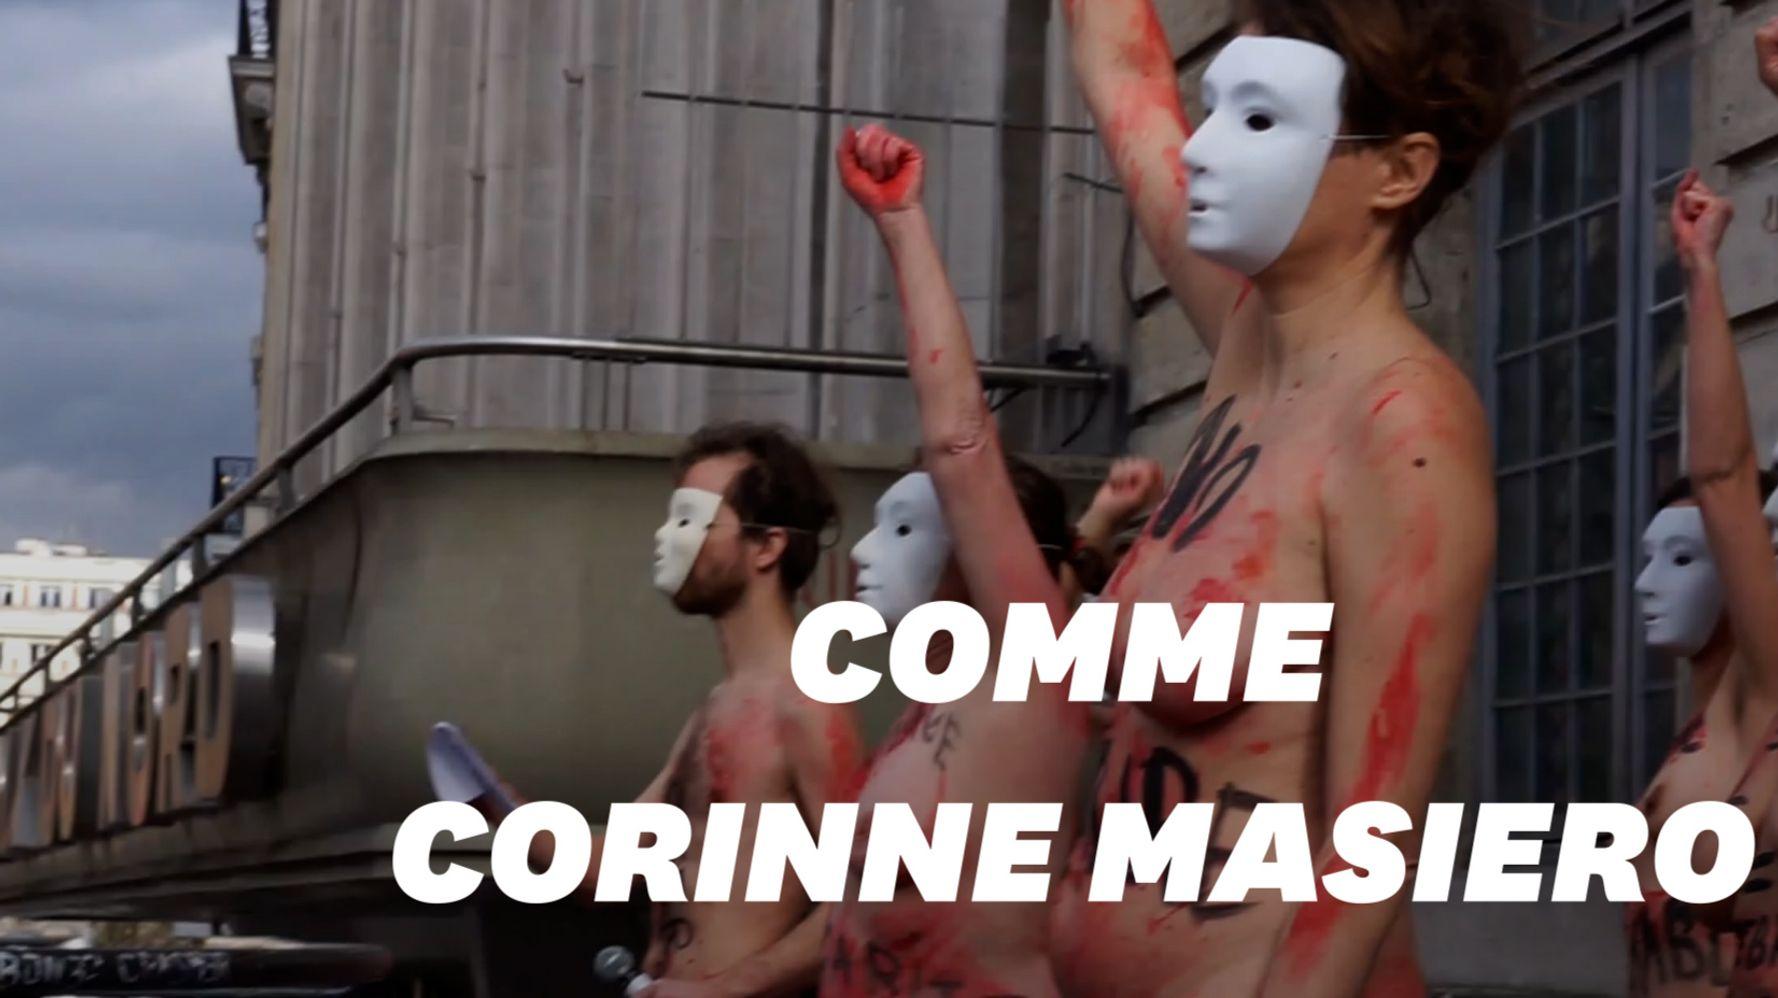 Comme Corinne Masiero, des occupants d'un Théâtre à Lille se mettent